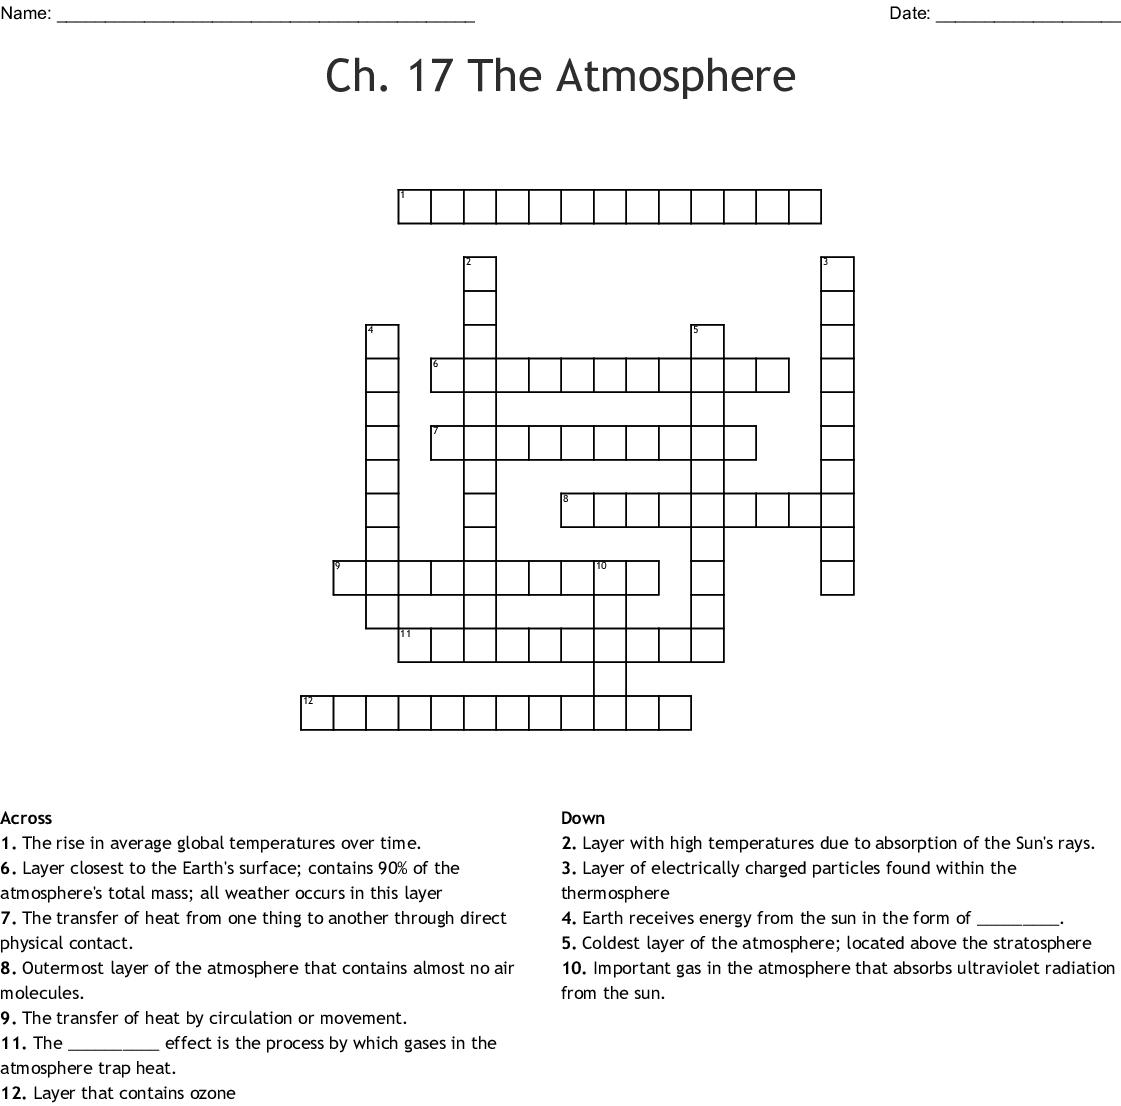 Major Source Of Oxygen In Earth S Atmosphere Crossword